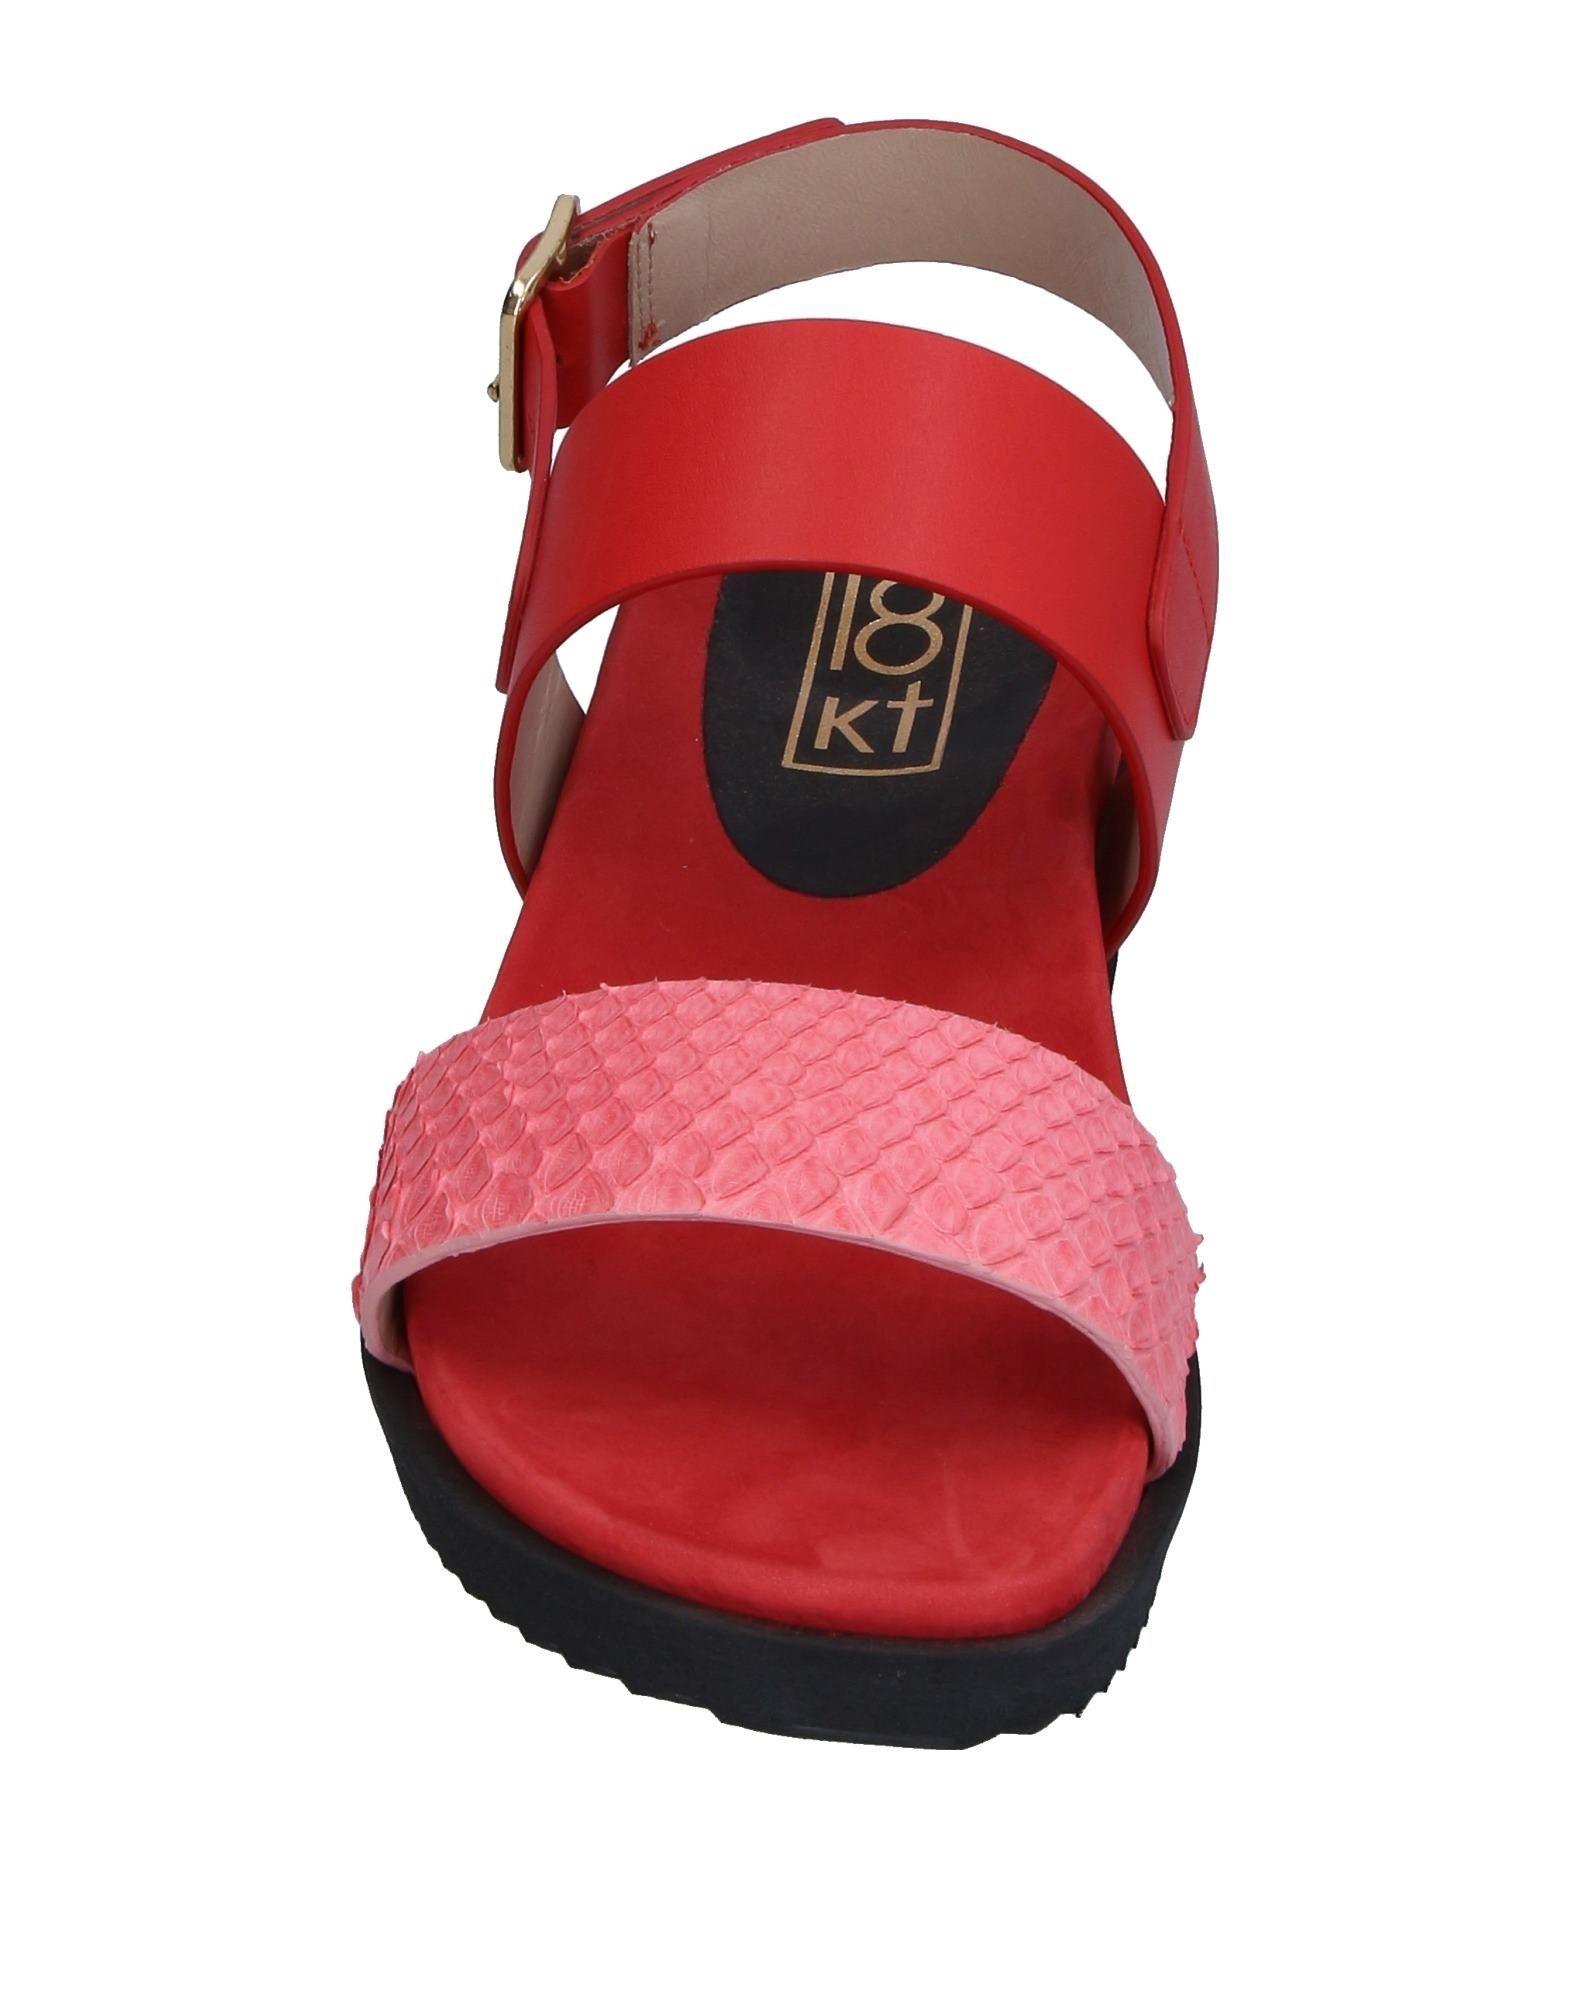 Sandales 18 Kt Femme - Sandales 18 Kt sur